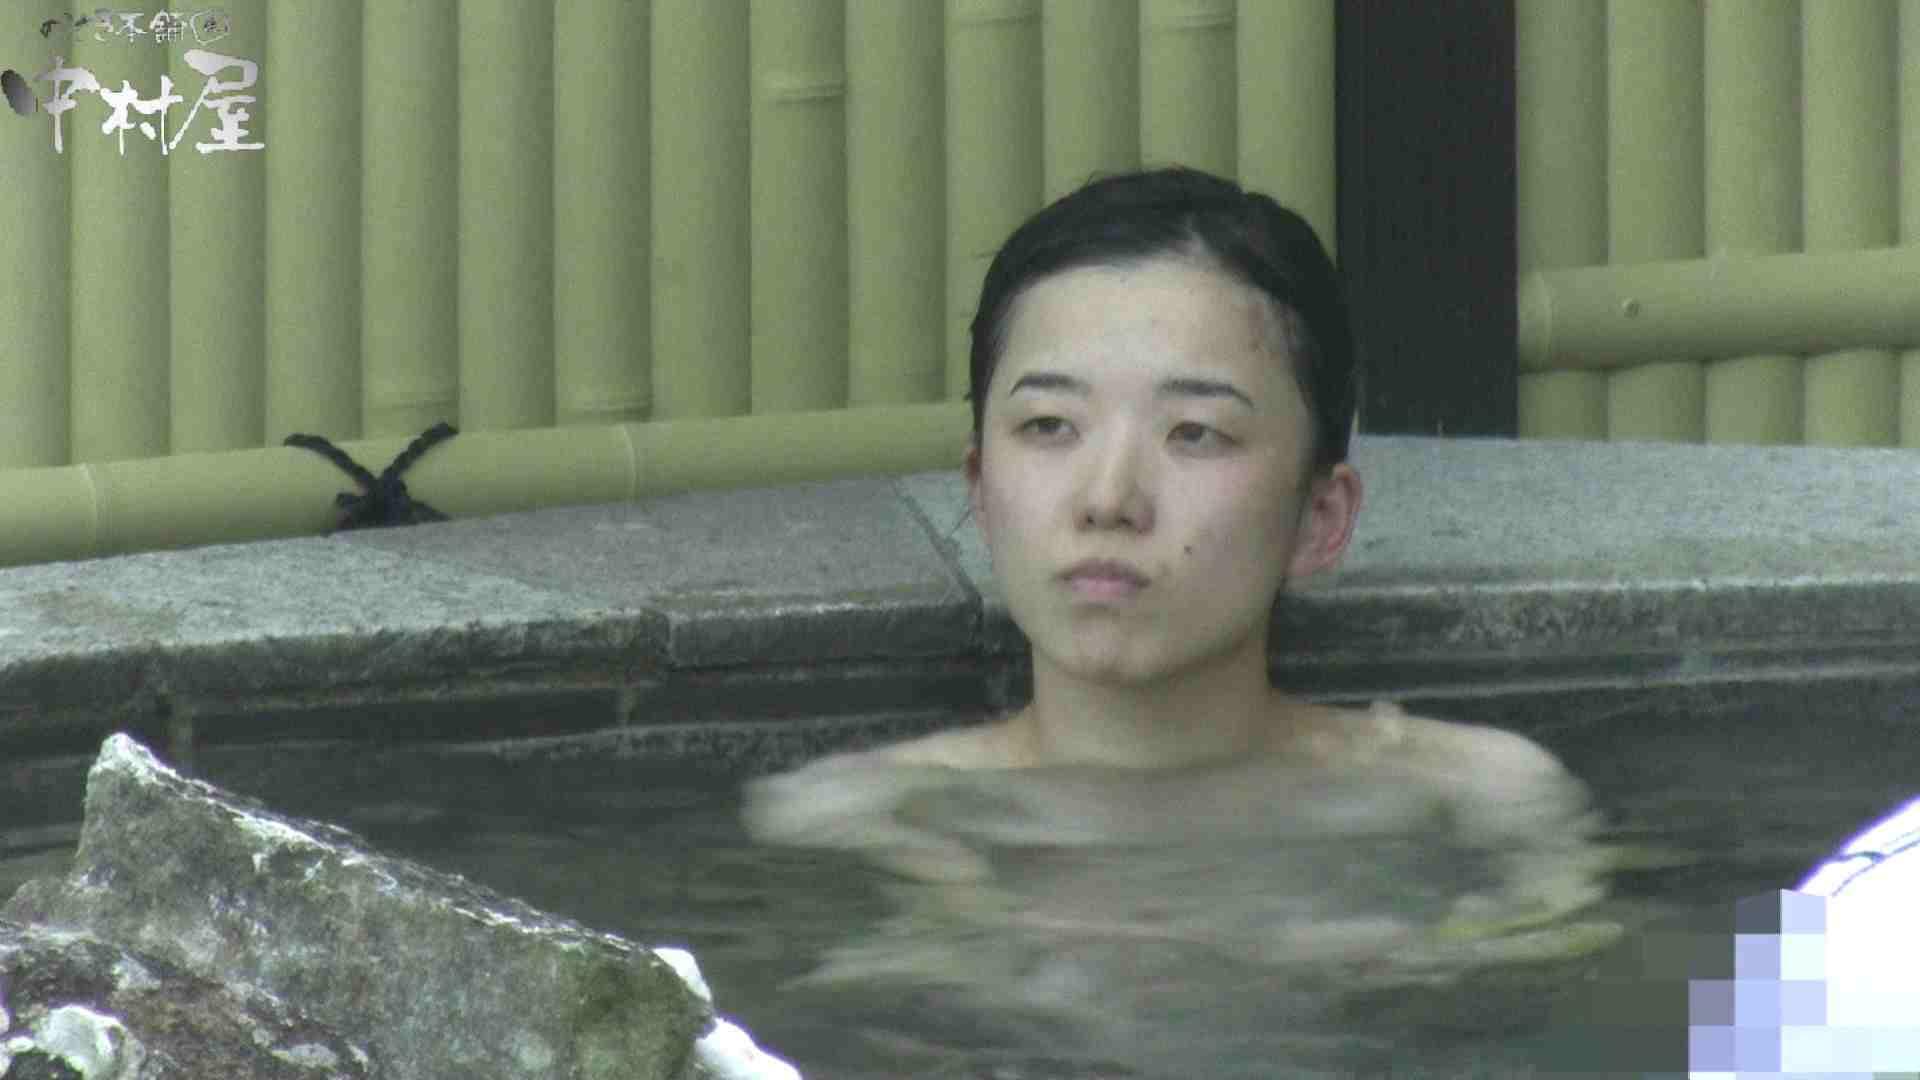 Aquaな露天風呂Vol.908 OLのエロ生活  28連発 15